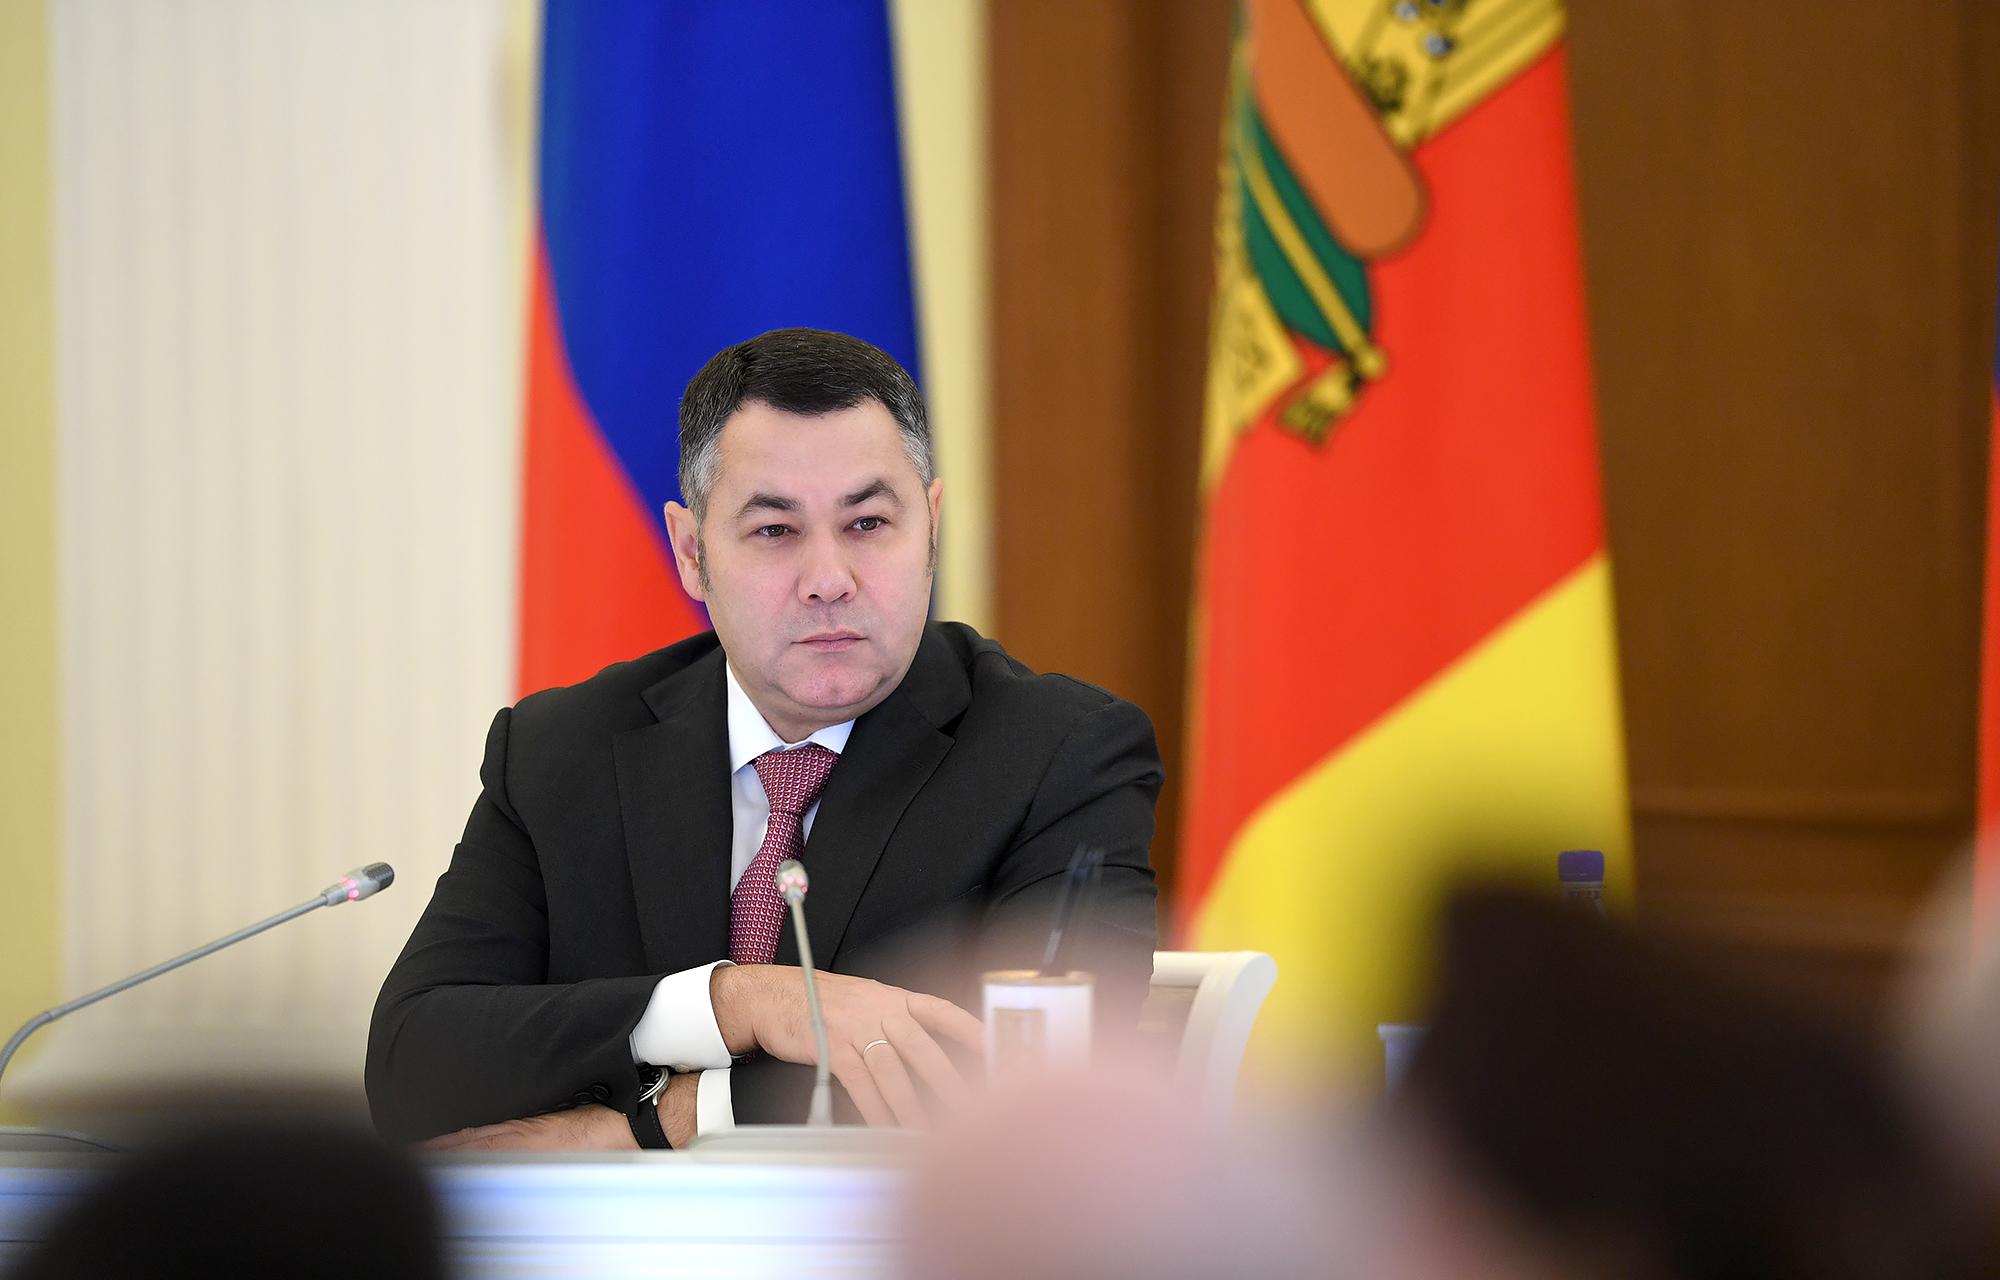 Стало известно сколько потратят средств на здравоохранение в Тверской области до 2023 года